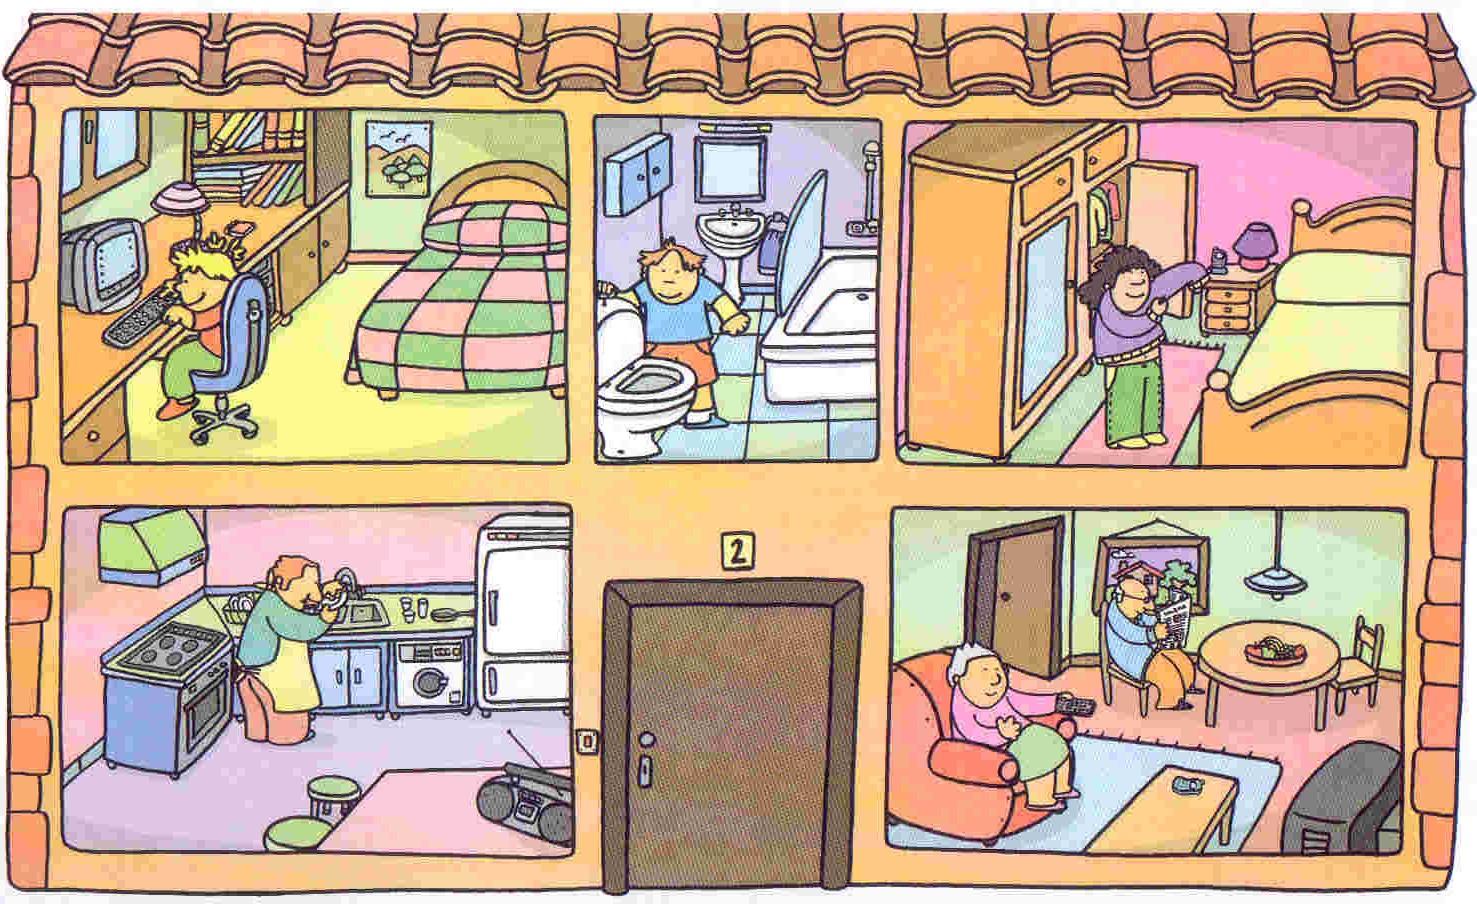 Baño Maria Cocina Definicion:La Casa De Mickey Mouse Detective DVDRip